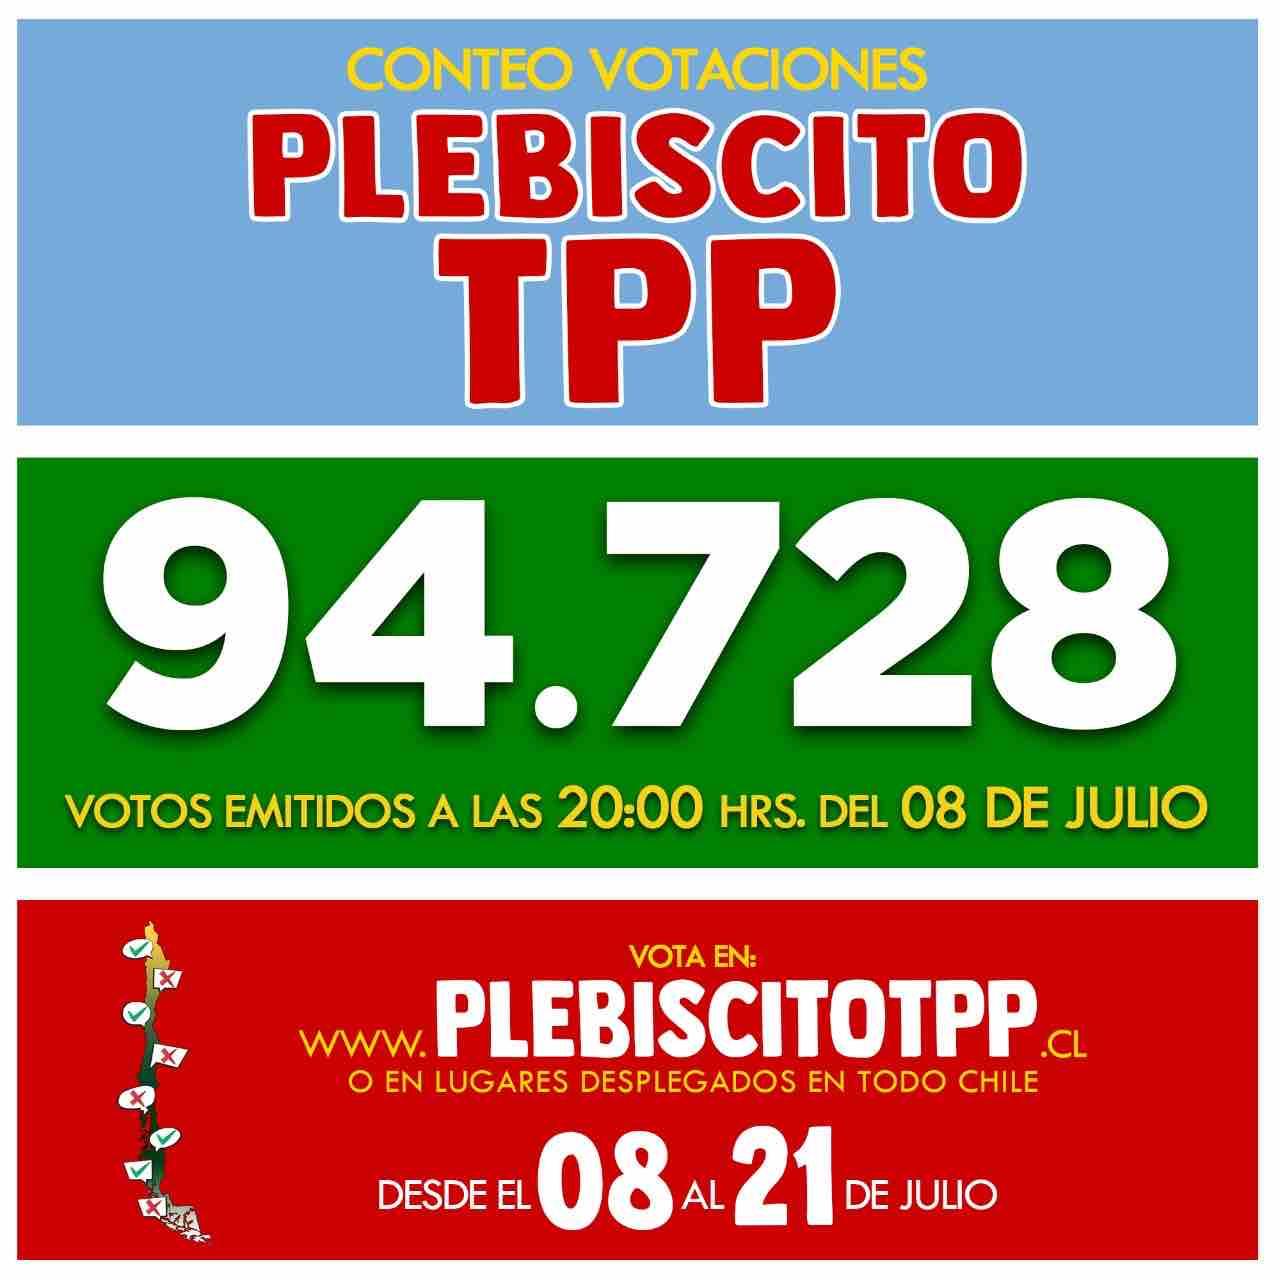 Plebiscito por TPP-11 registra más de 94 mil votos en su primer día